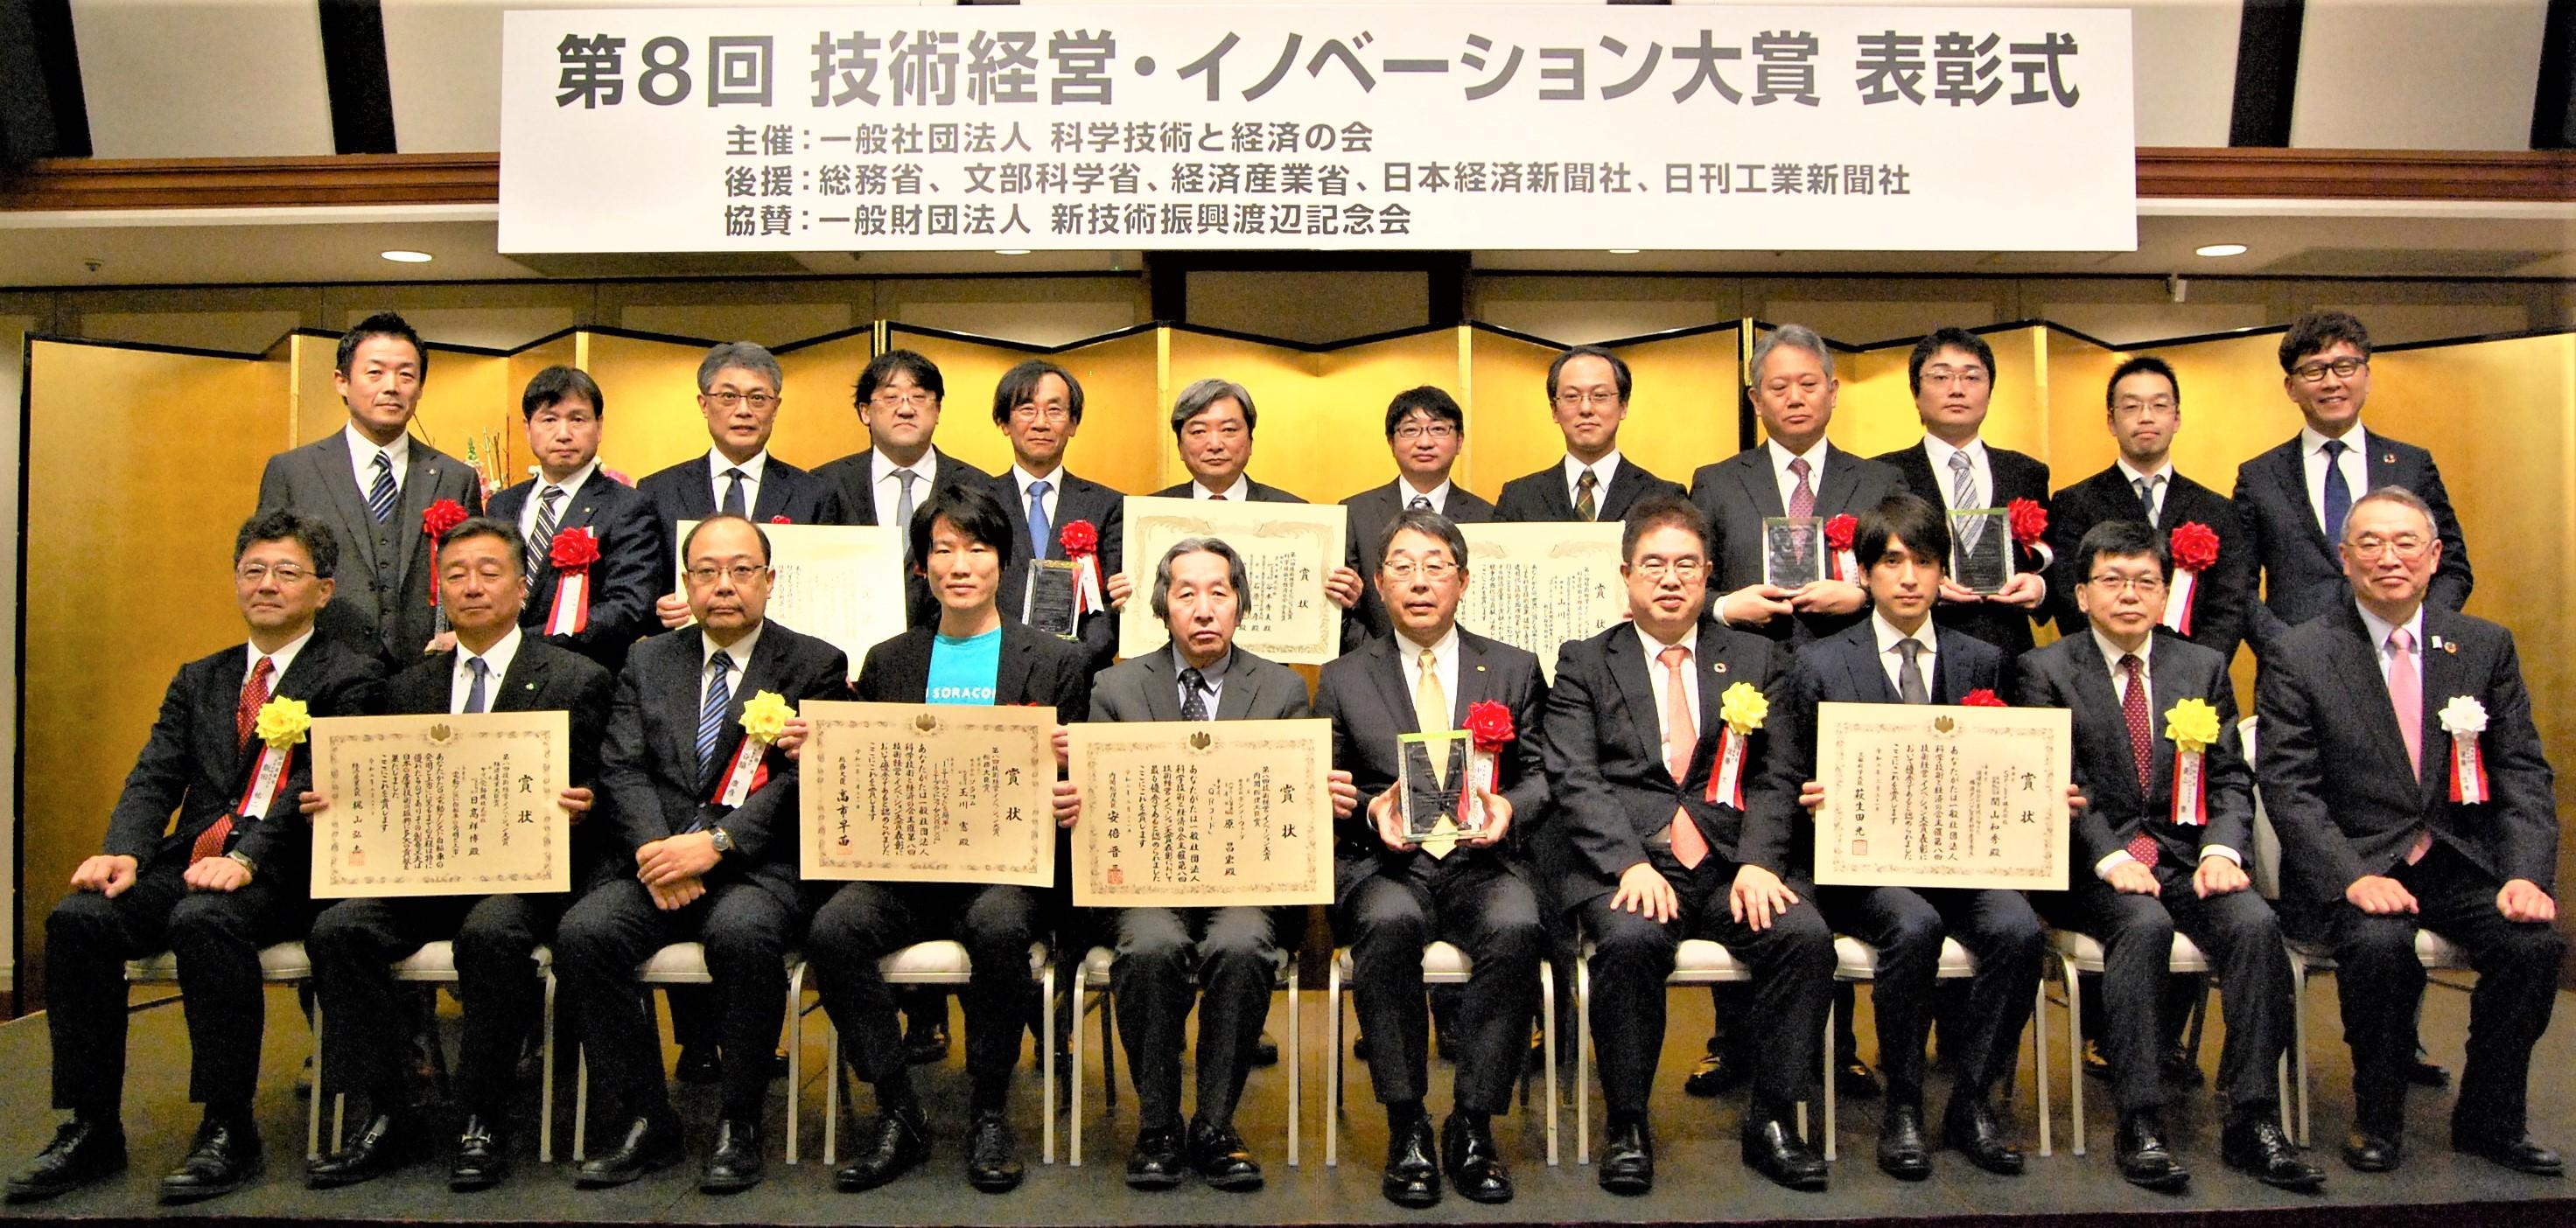 第8回技術経営・イノベーション大賞集合写真